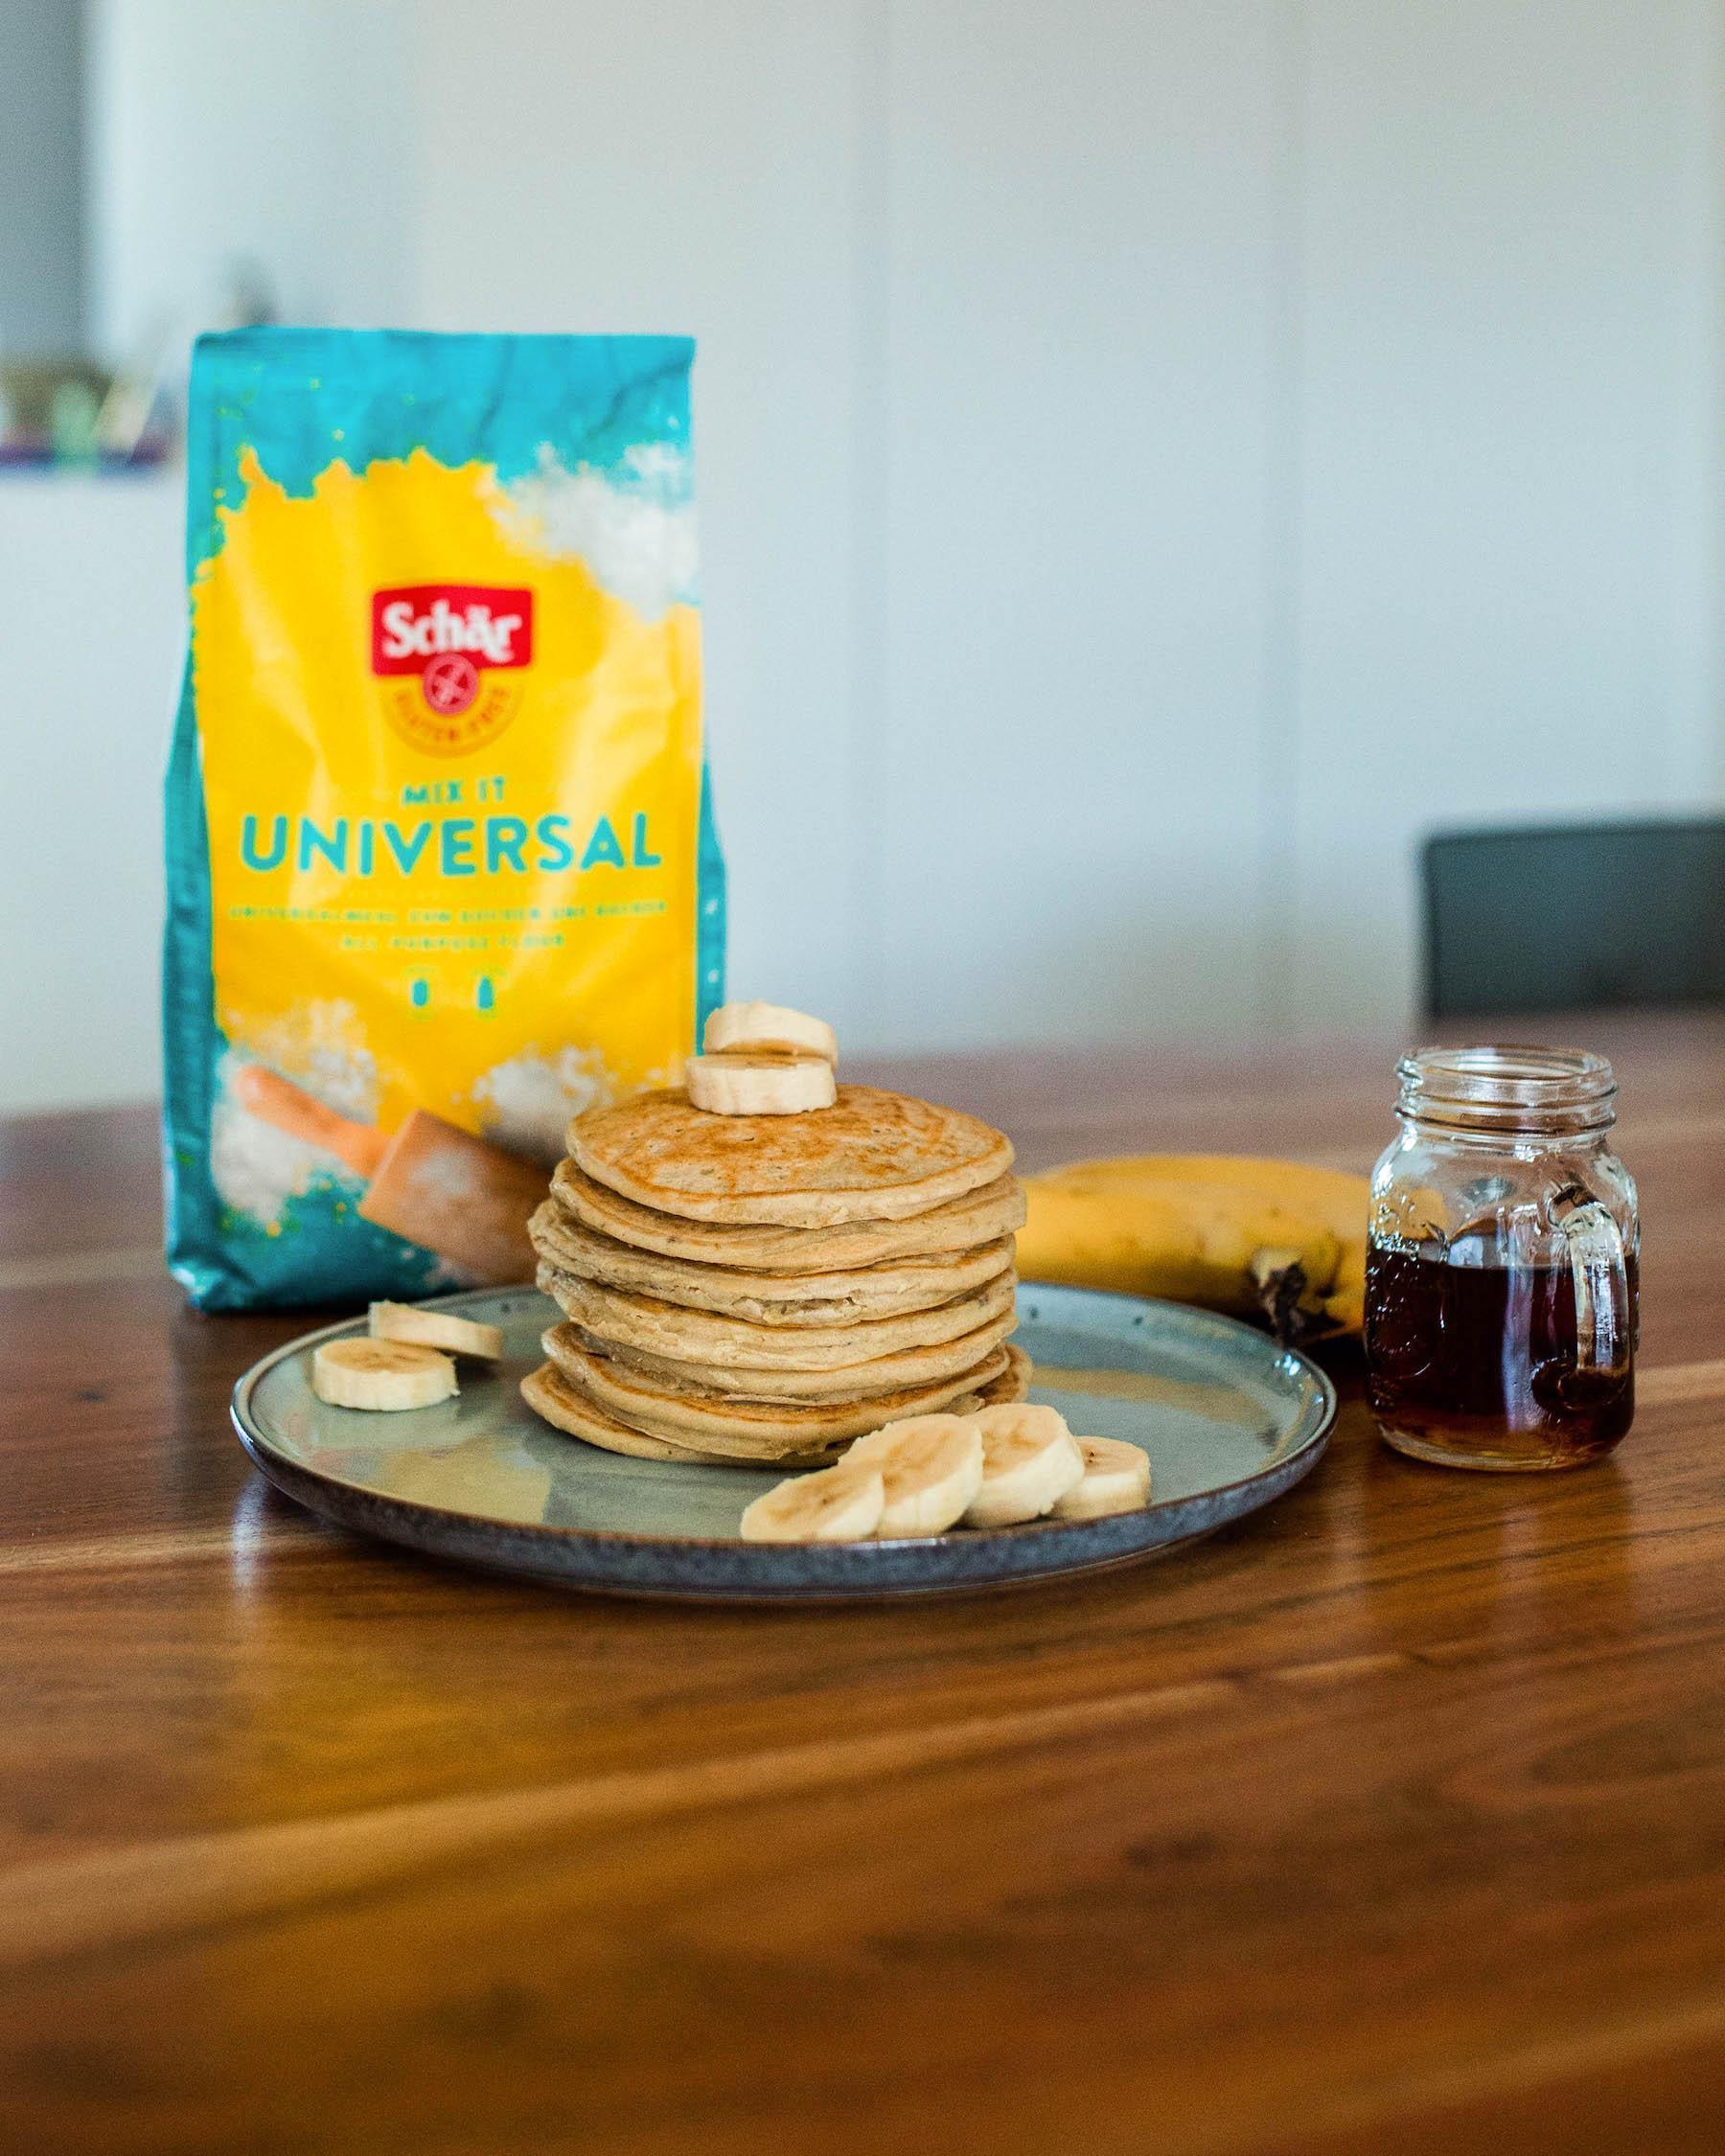 schär glutenfreies mehl suelovesnyc_schaer_banana_pancakes_glutenfreie_bananen_pancakes_rezept_glutenfrei_2